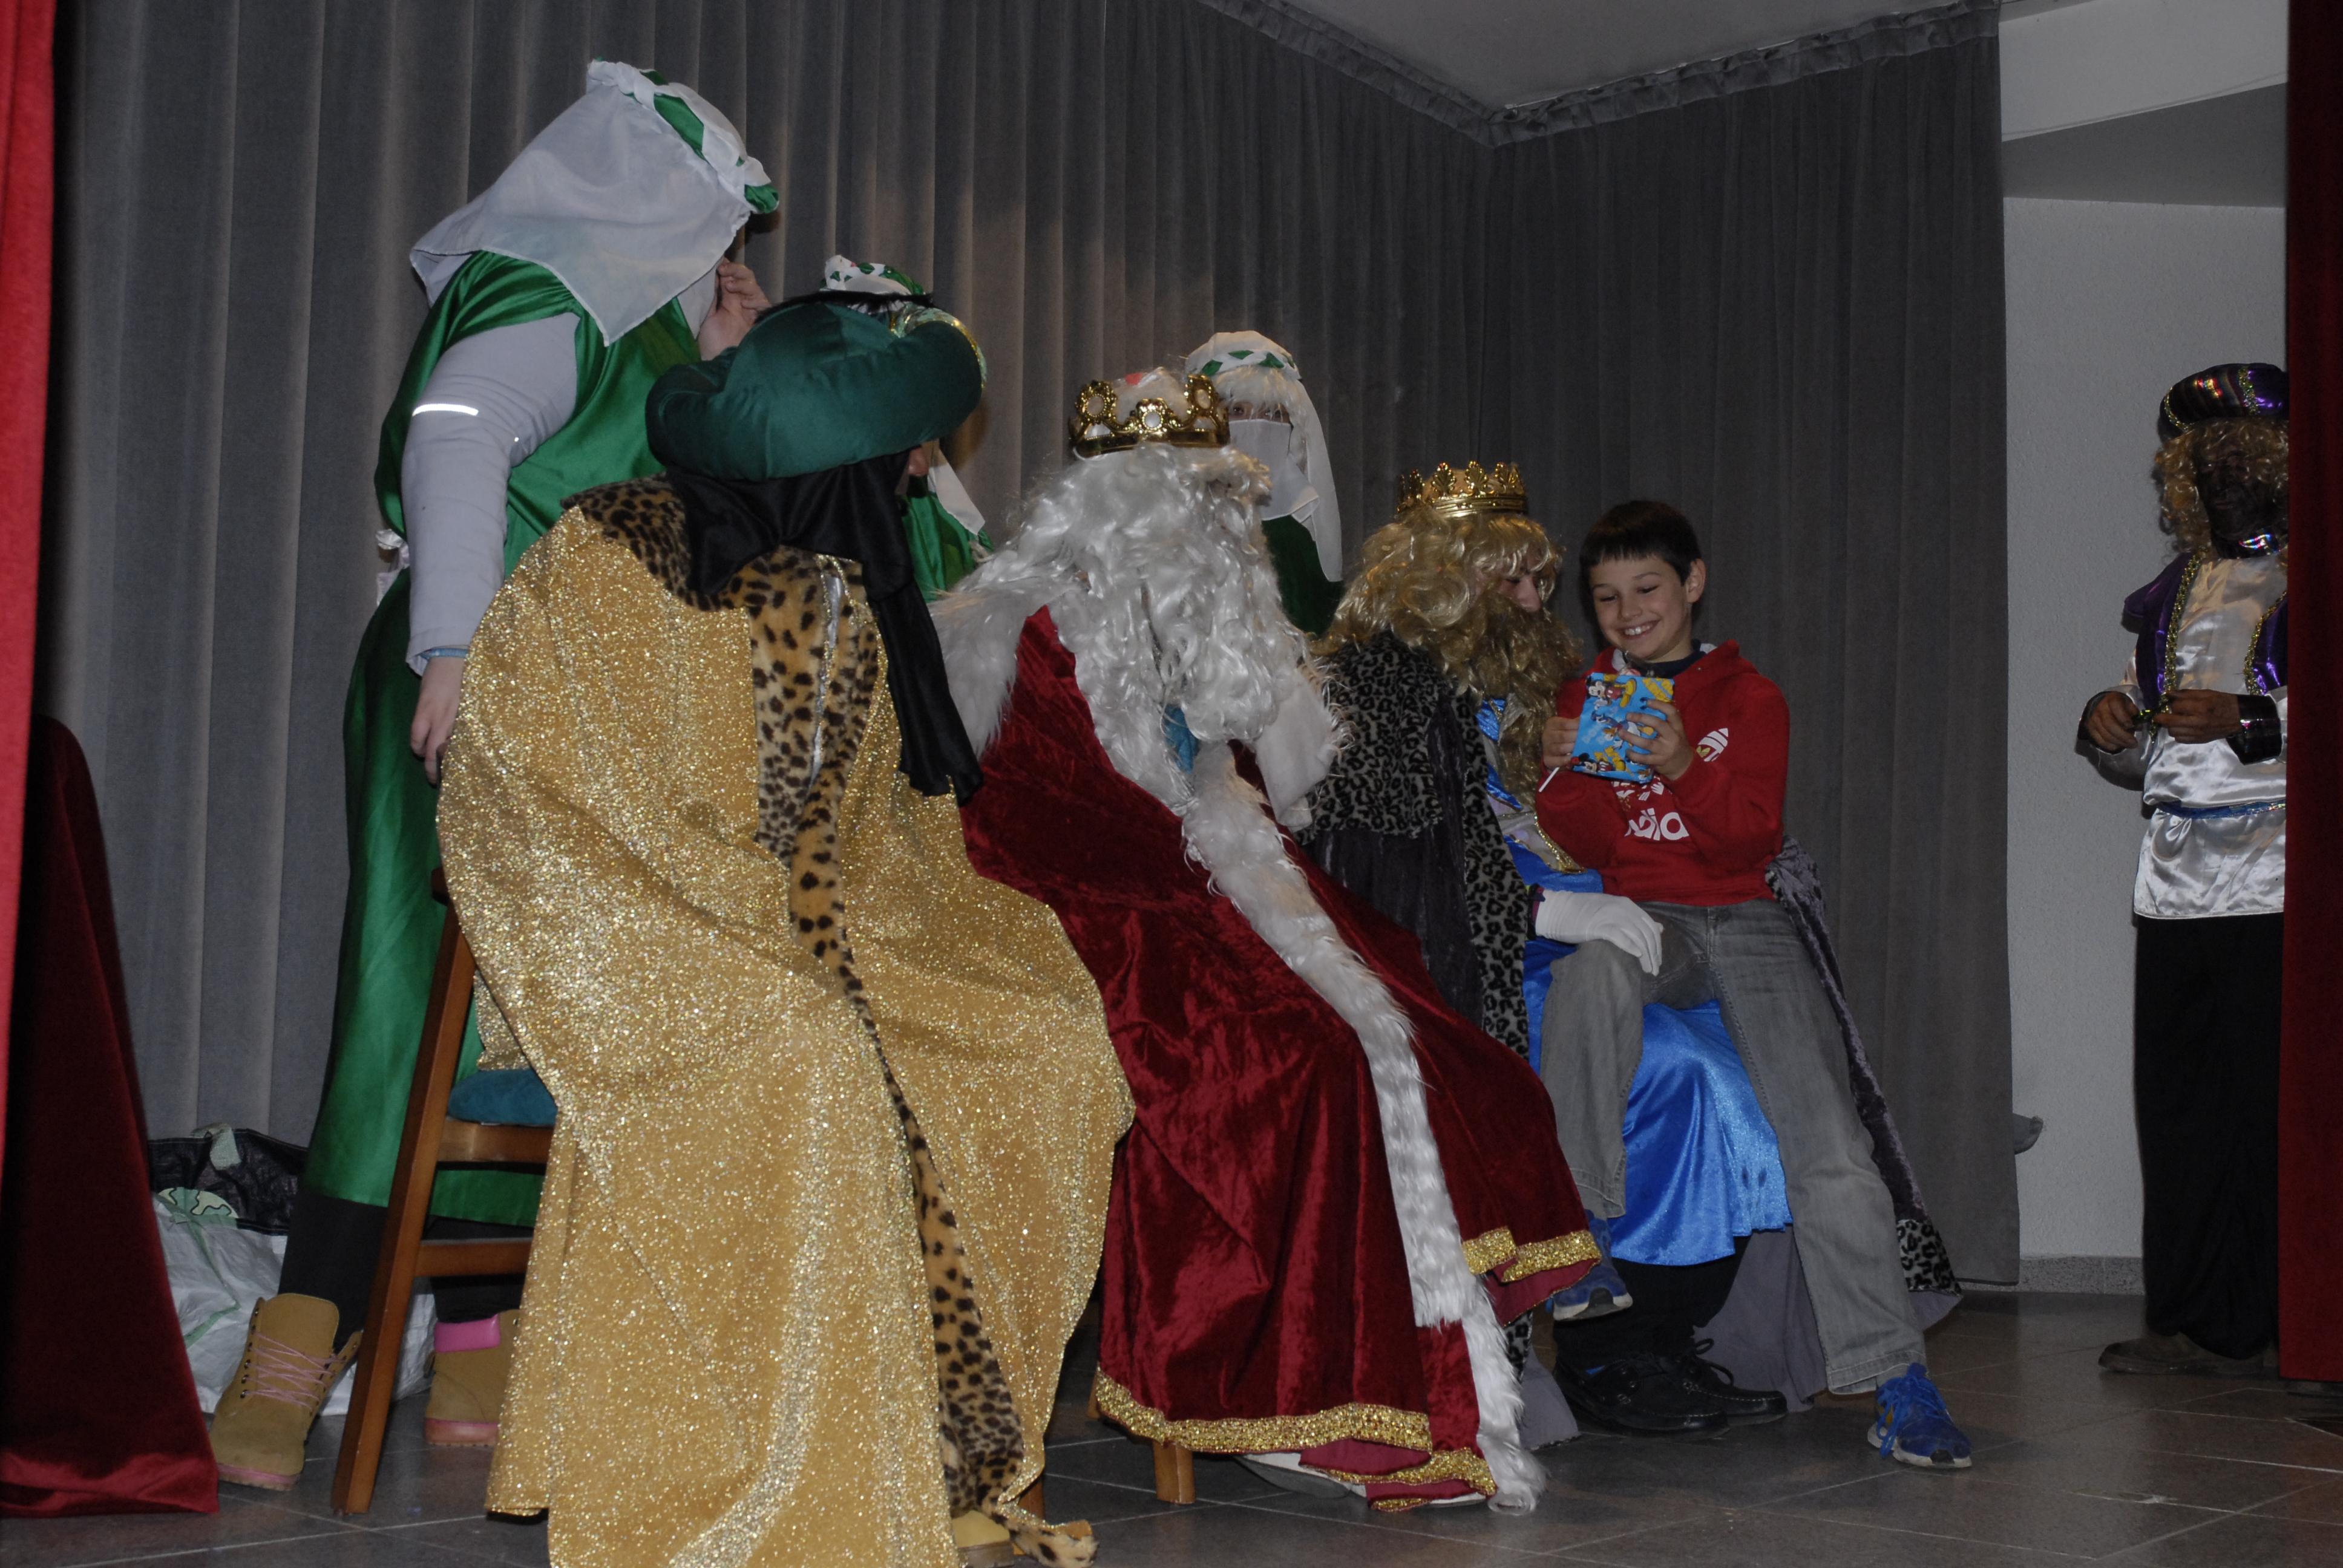 cabalgata-reyes-magos-2017-15